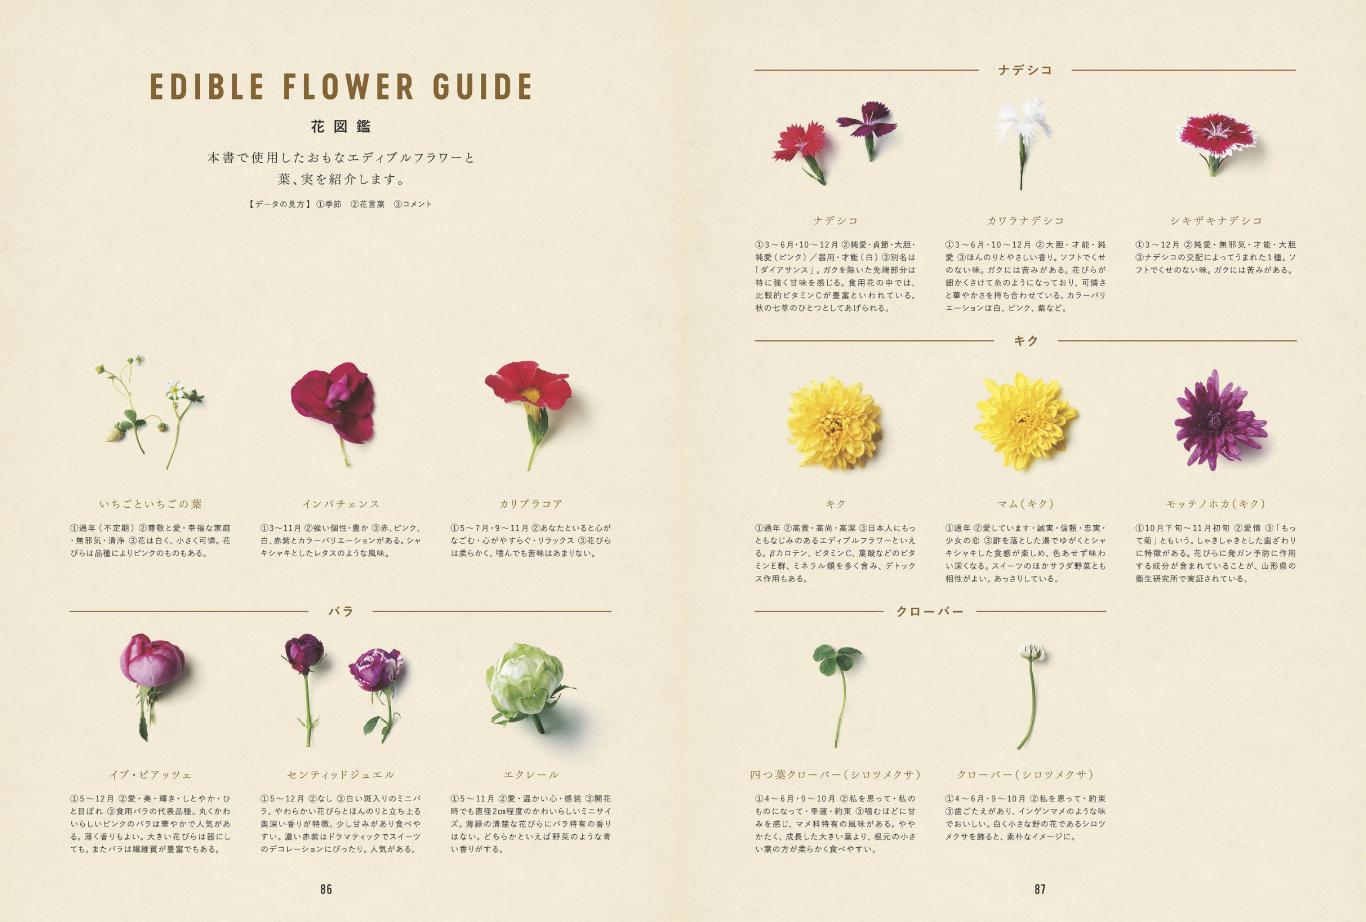 【送料無料】FLOWER SWEETS エディブルフラワーでつくるロマンチックな大人スイーツ [書籍] - 画像5